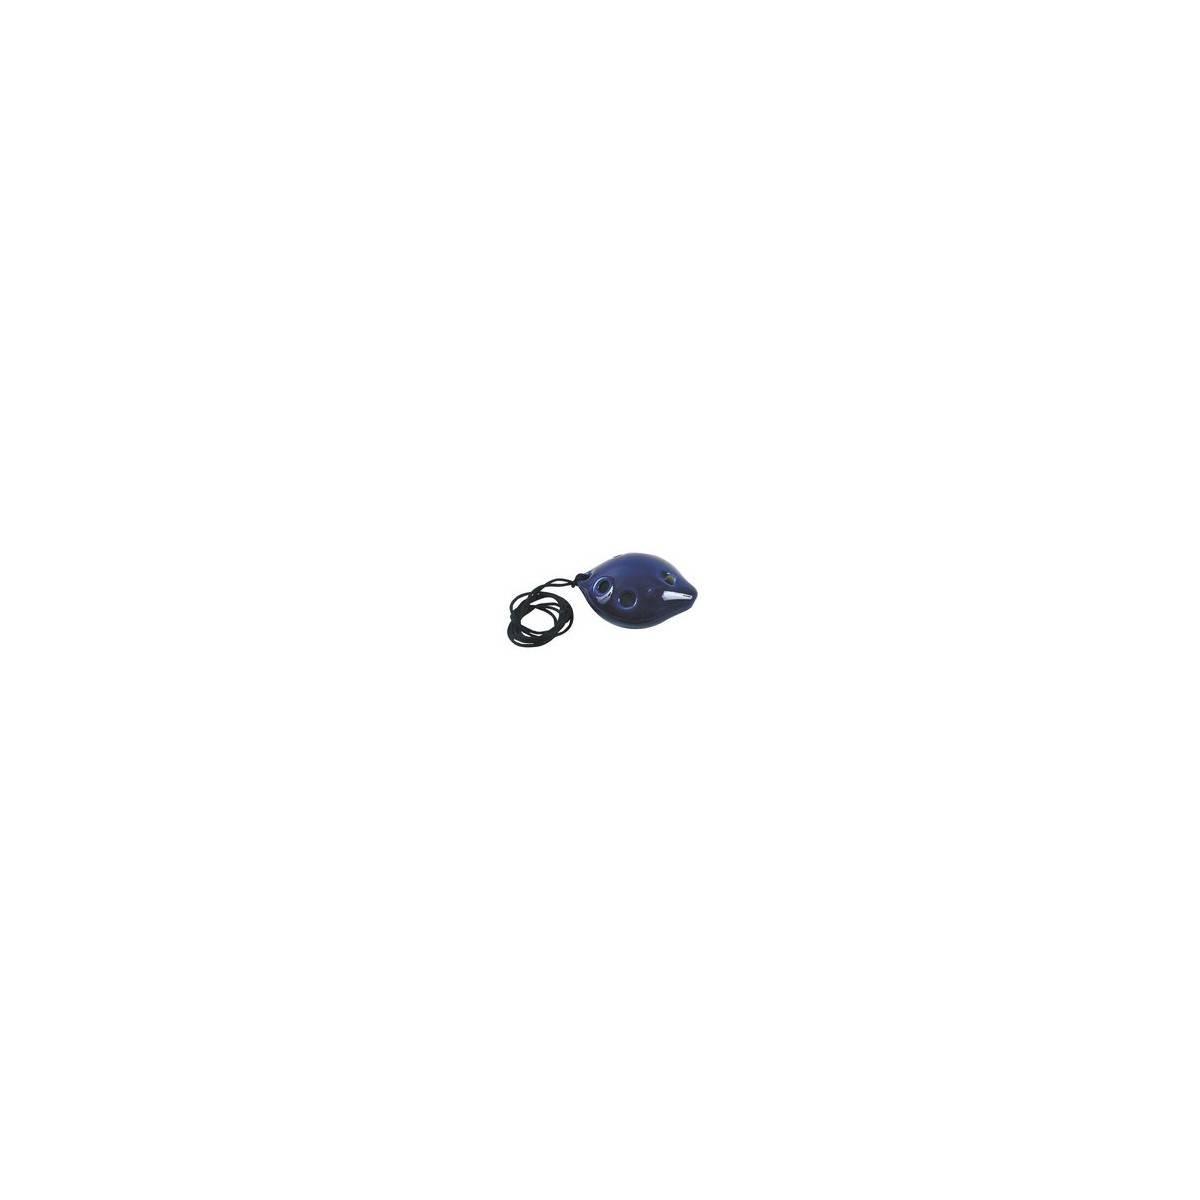 Ocarina  en céramique bleue